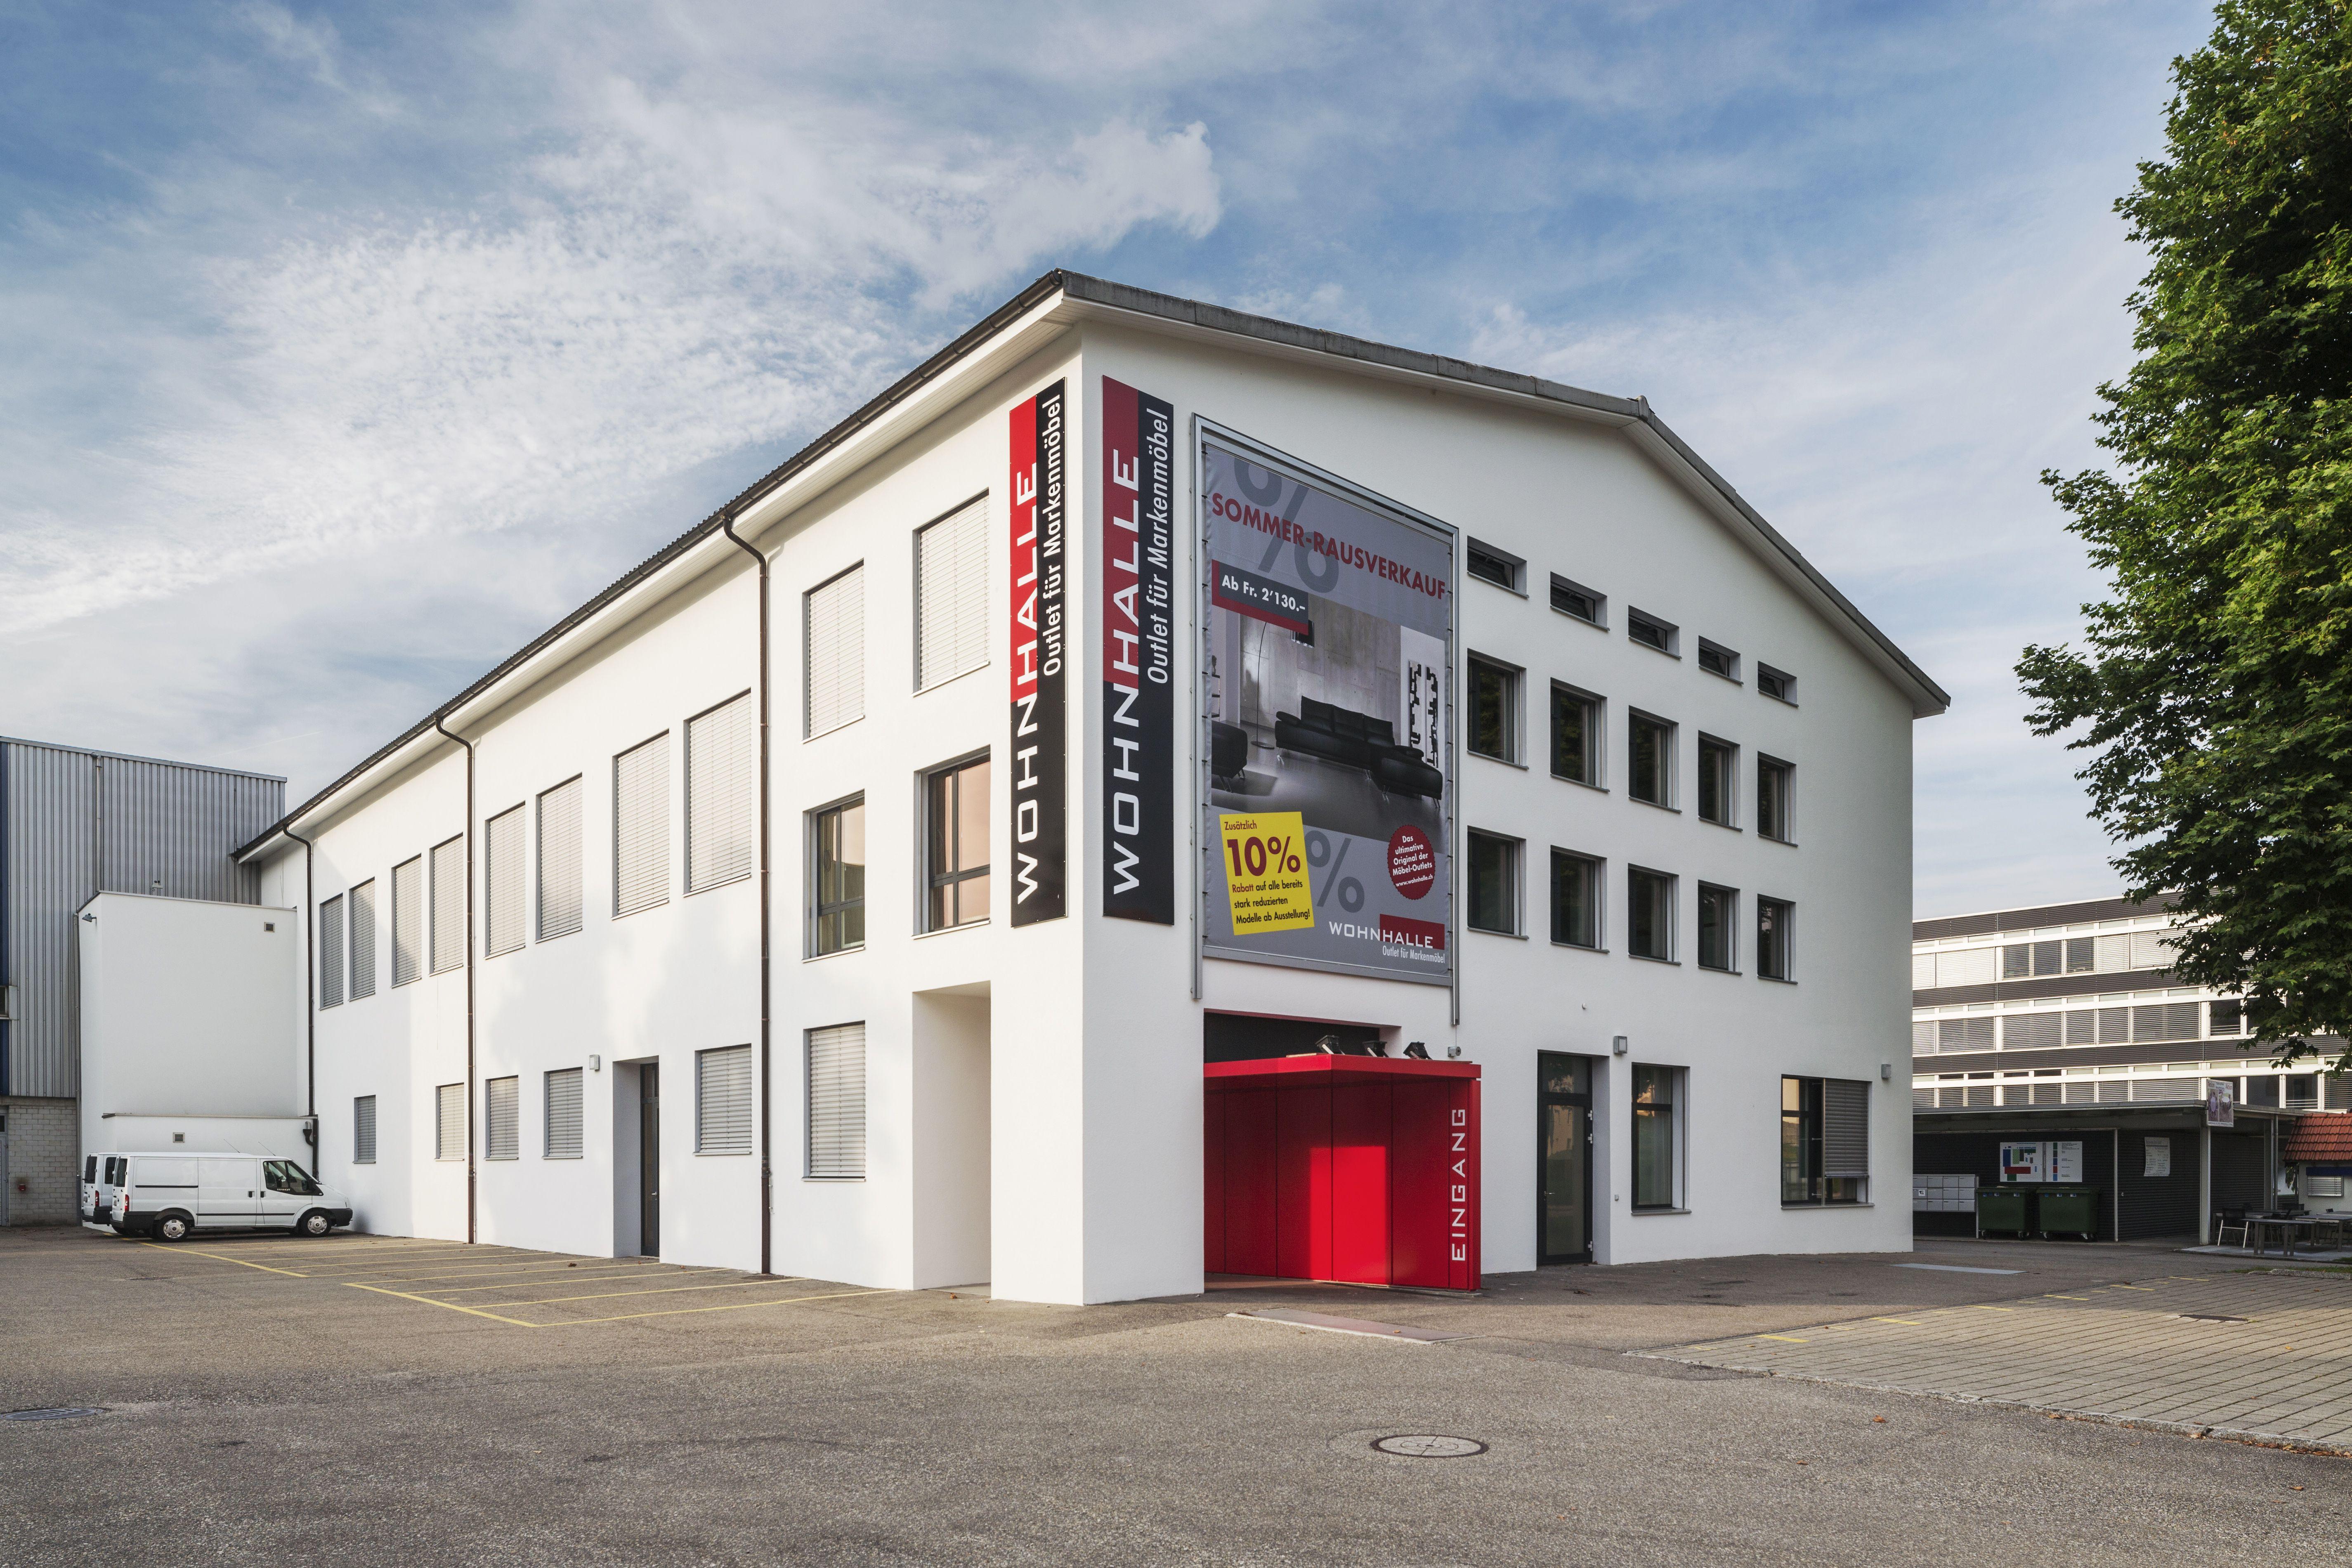 Wohnhalle Striegelstrasse 8, Safenwil Umbau Halle, Fassadensanierung ...